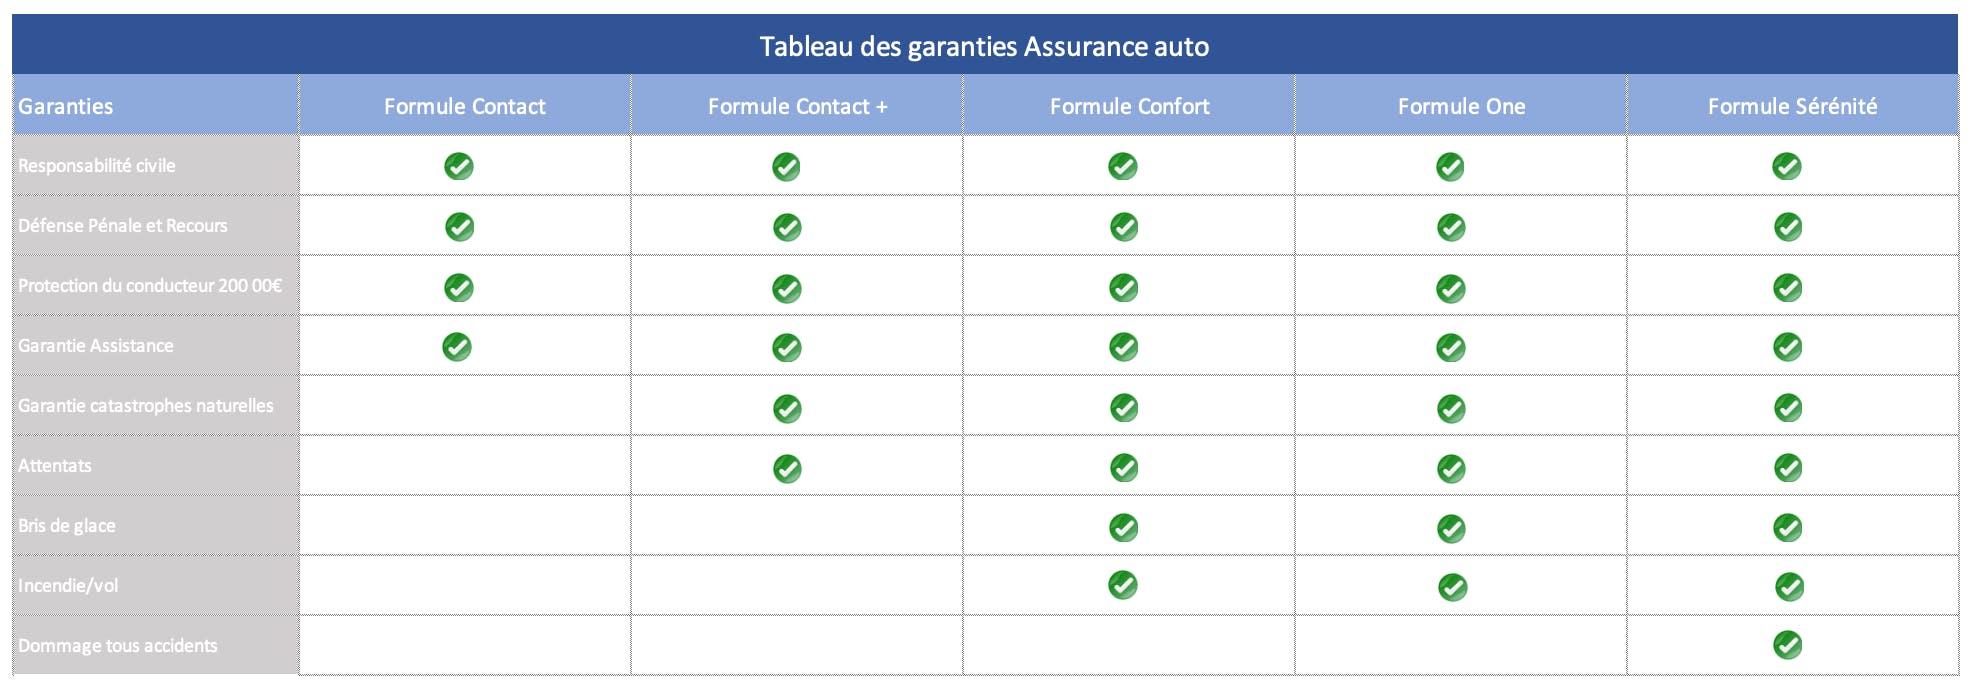 Tableau de comparaison des garanties pour les formules d'assurance auto Contact, Contact +, Confort, One et Sérénité d'Assuronline